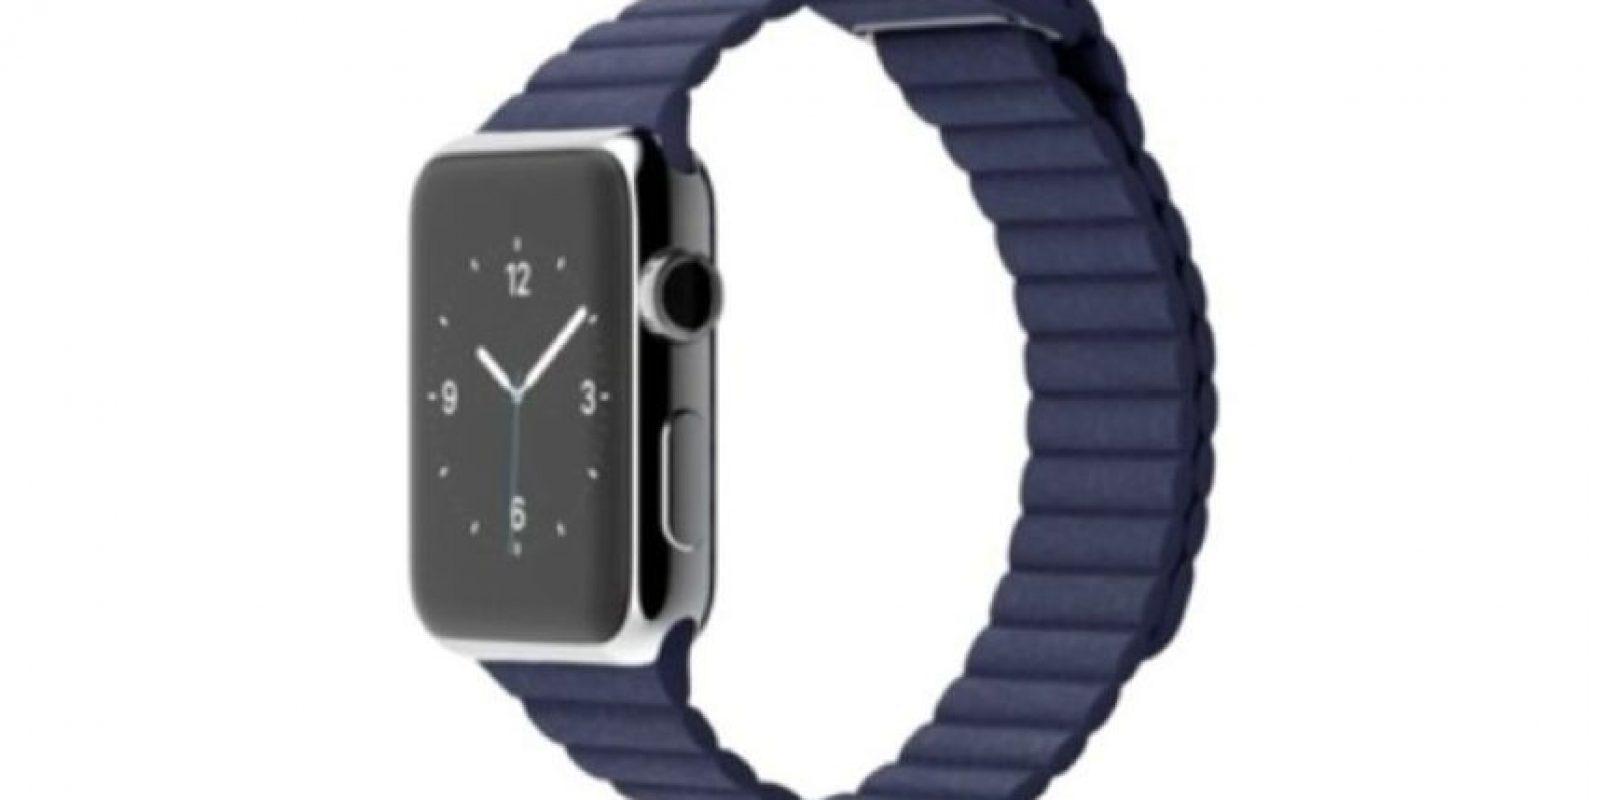 Interrumptores, pulseras y otros aditamentos mecánicos cuestan 16.50 dólares. Foto:Apple